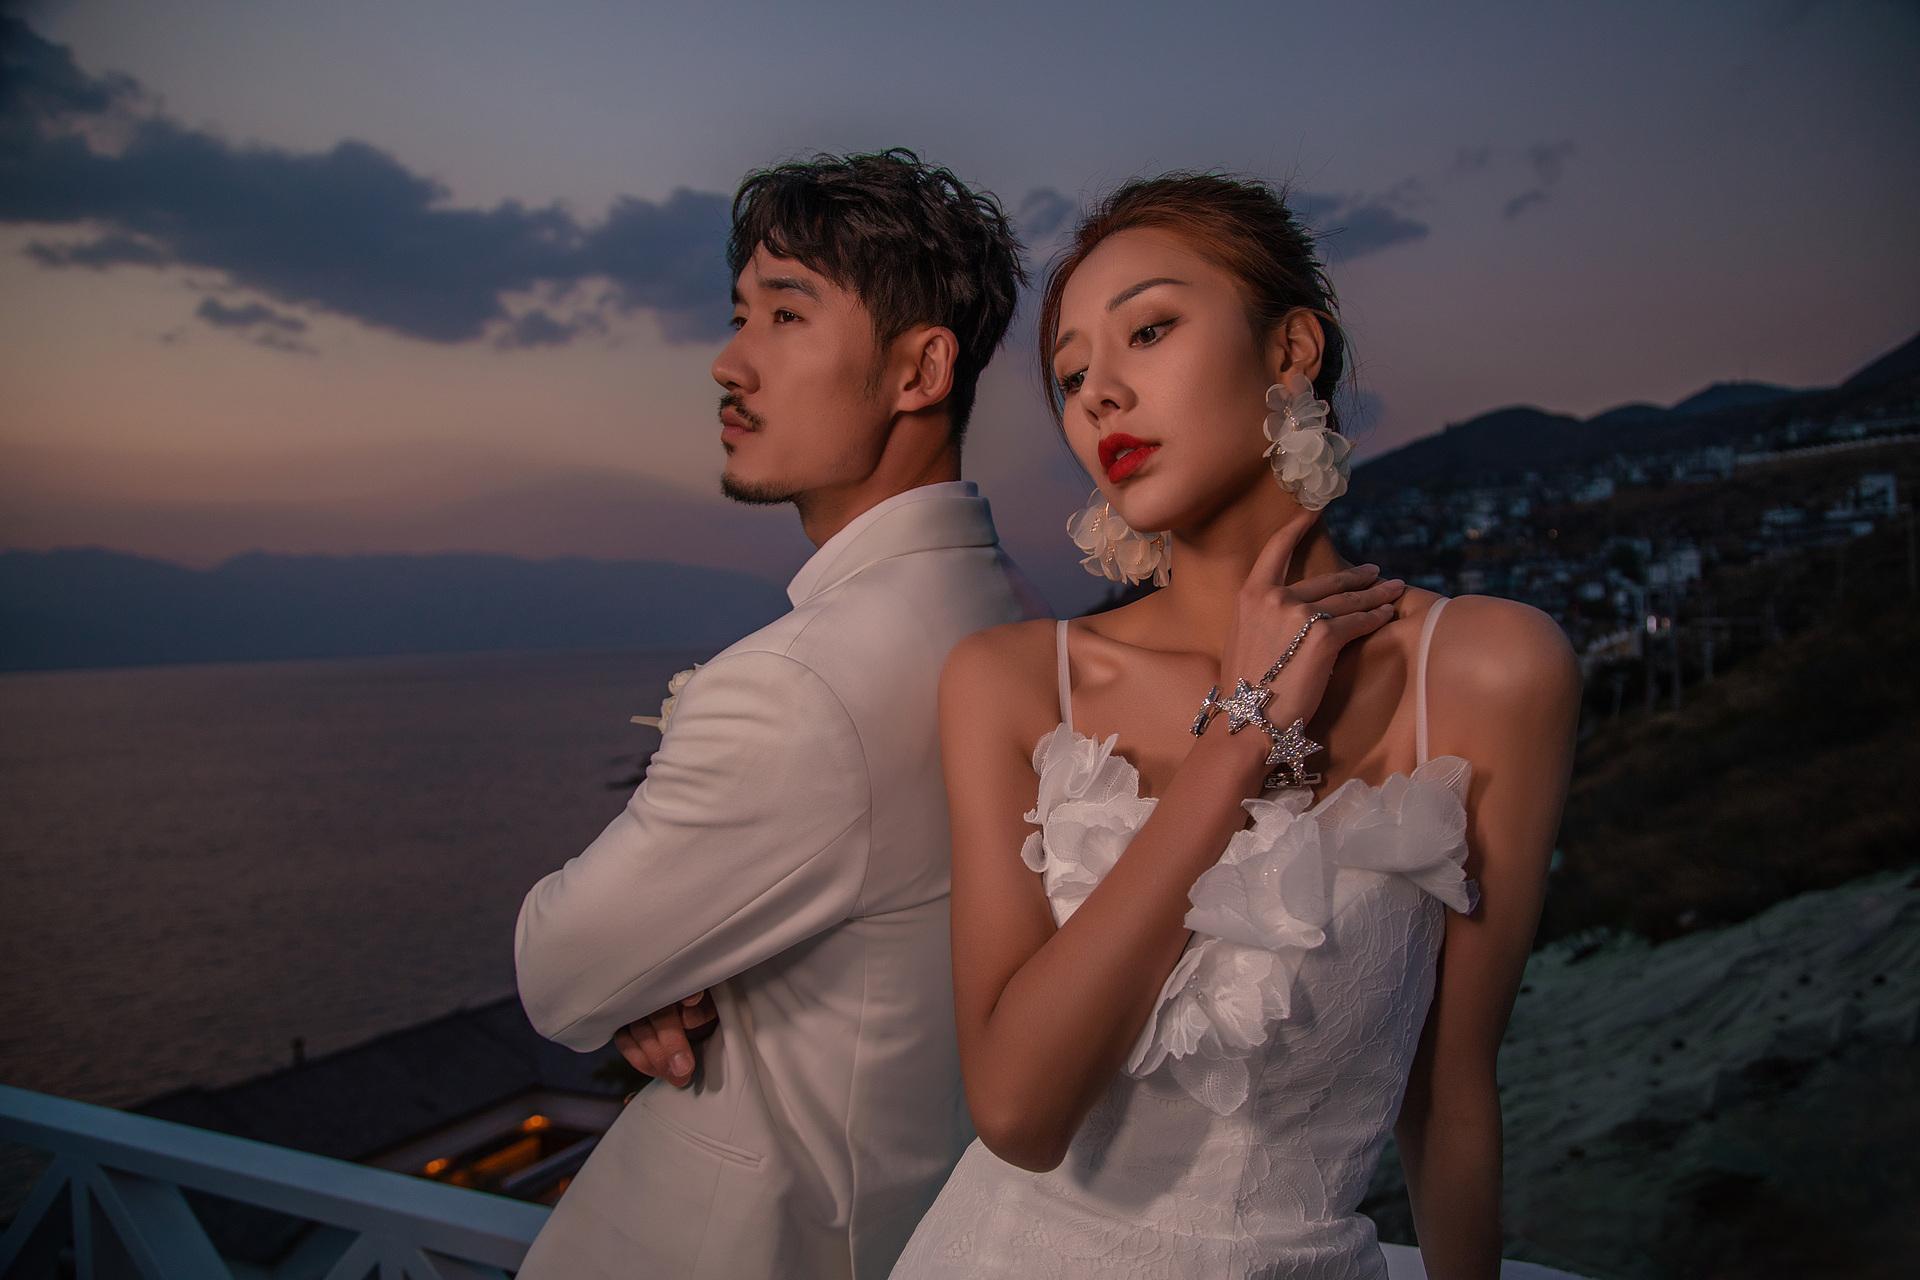 丽江大理旅拍婚纱照攻略分享 旅拍婚纱照必躲的8个坑是哪些?